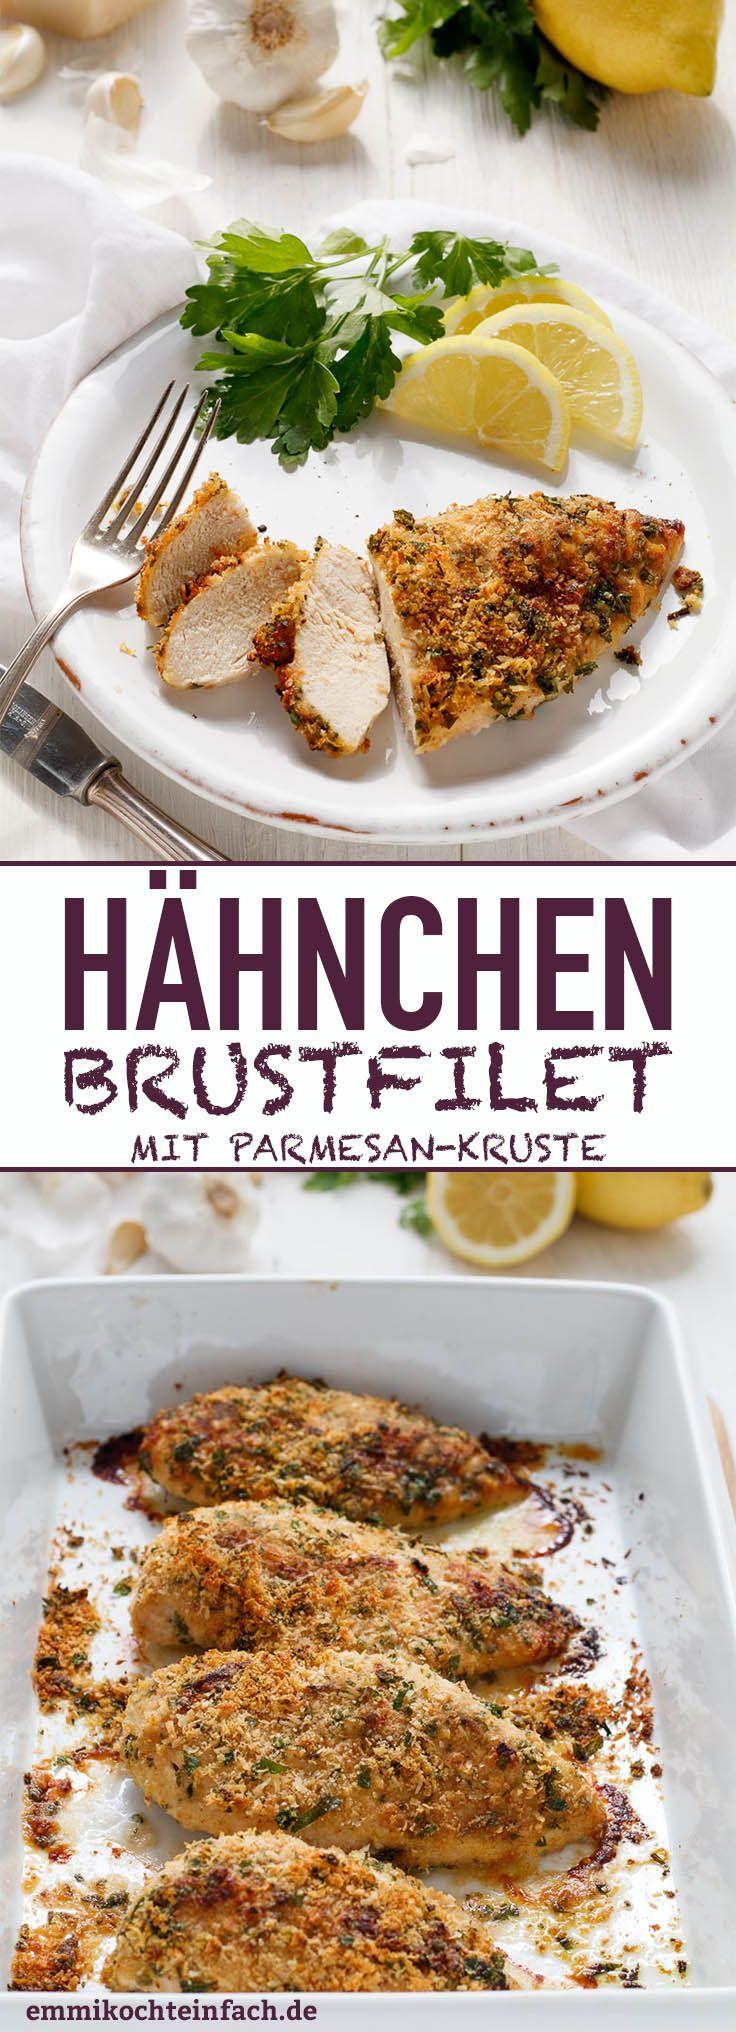 Hähnchenbrustfilet mit Parmesan Kruste - emmikochteinfach #chickenparmesan